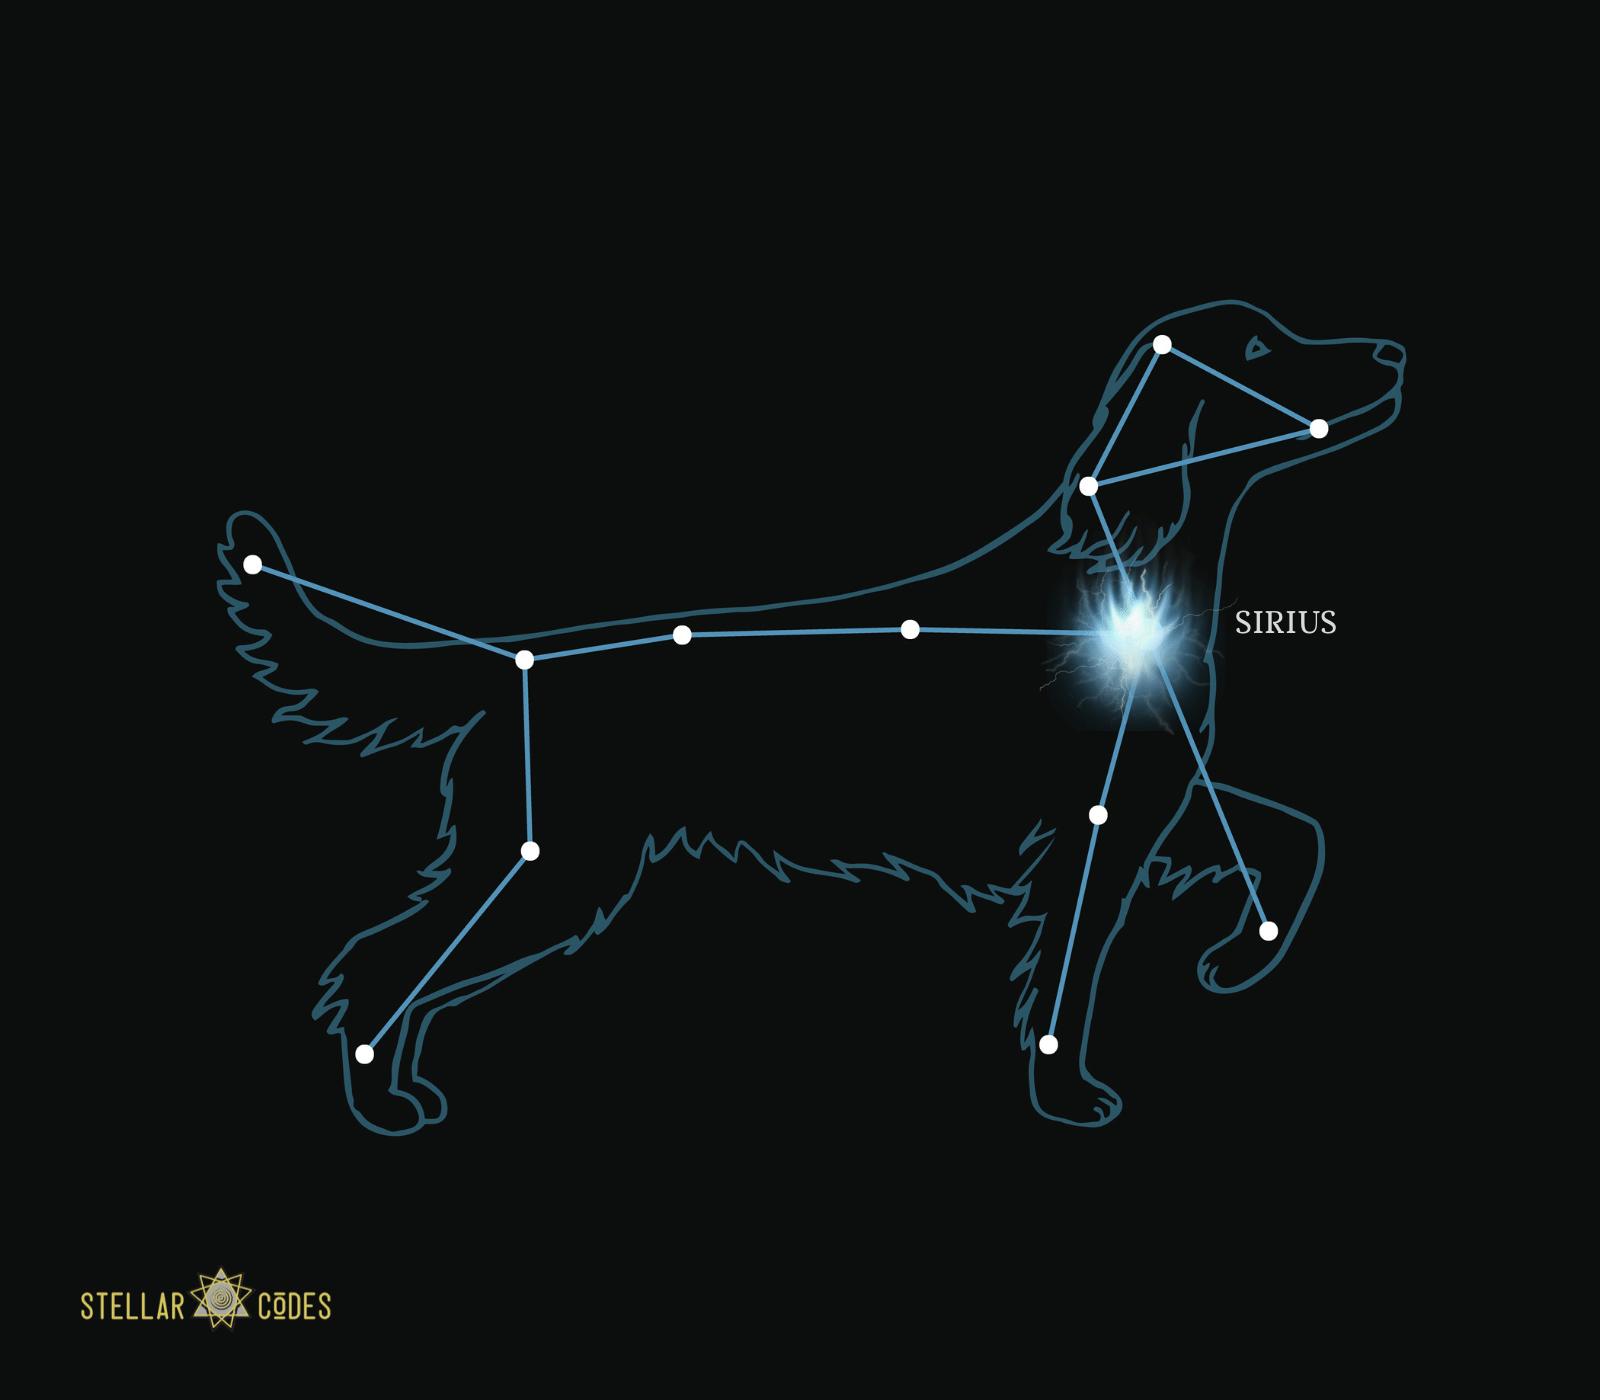 Stellar Code Sirius